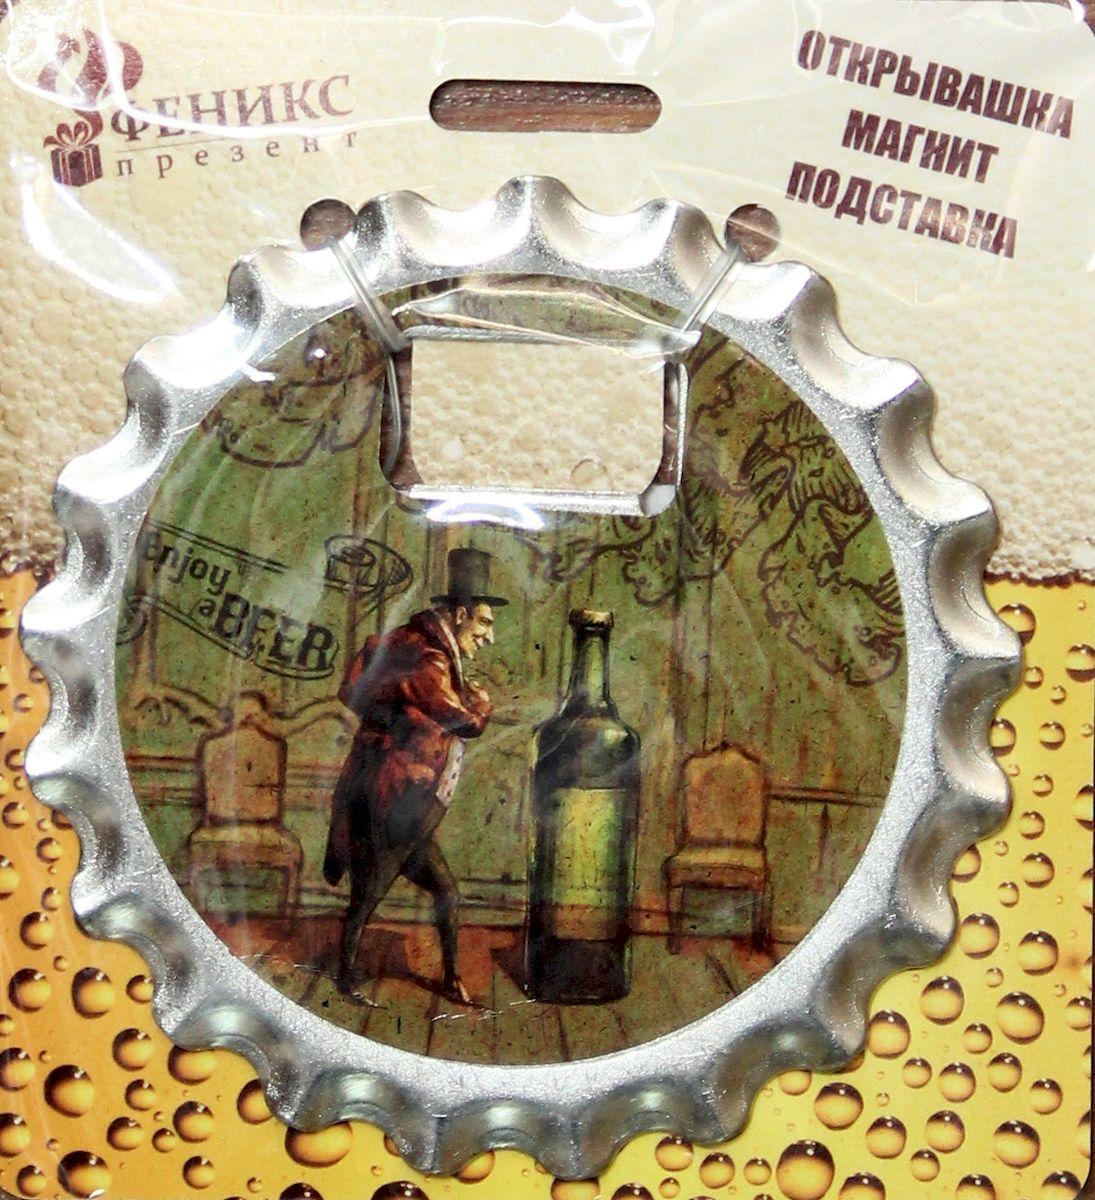 Ключ для открывания бутылок Magic Home Хороший вечер, с магнитом ключ для открывания бутылок magic home артем с магнитом